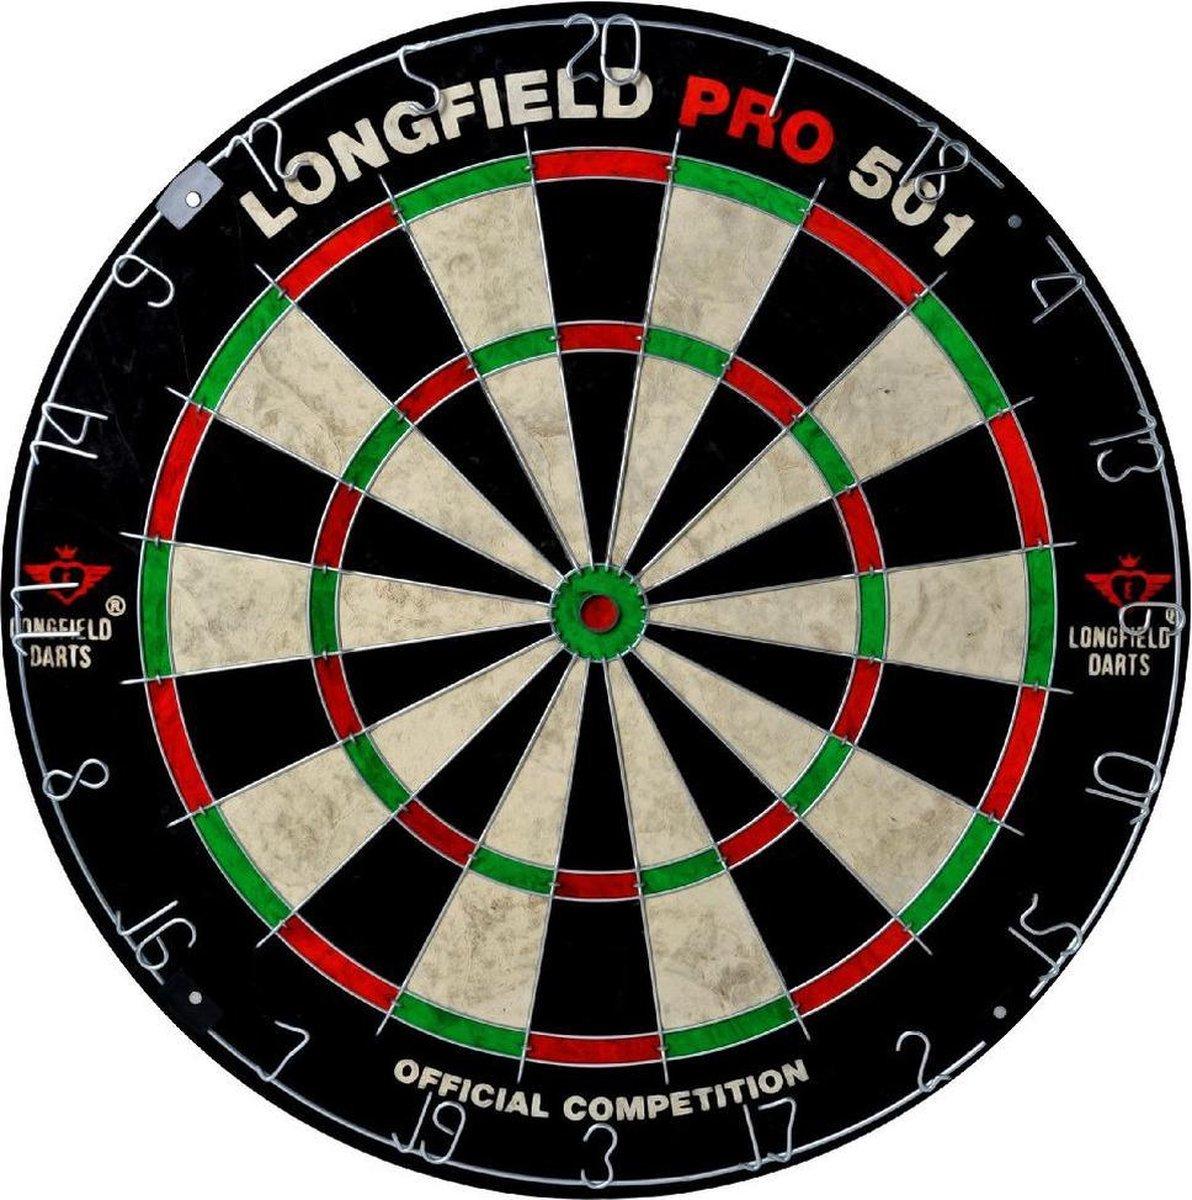 Dartbord set compleet van diameter 45.5 cm met 3x dartpijlen van 24 gram - Longfield professional - Darten